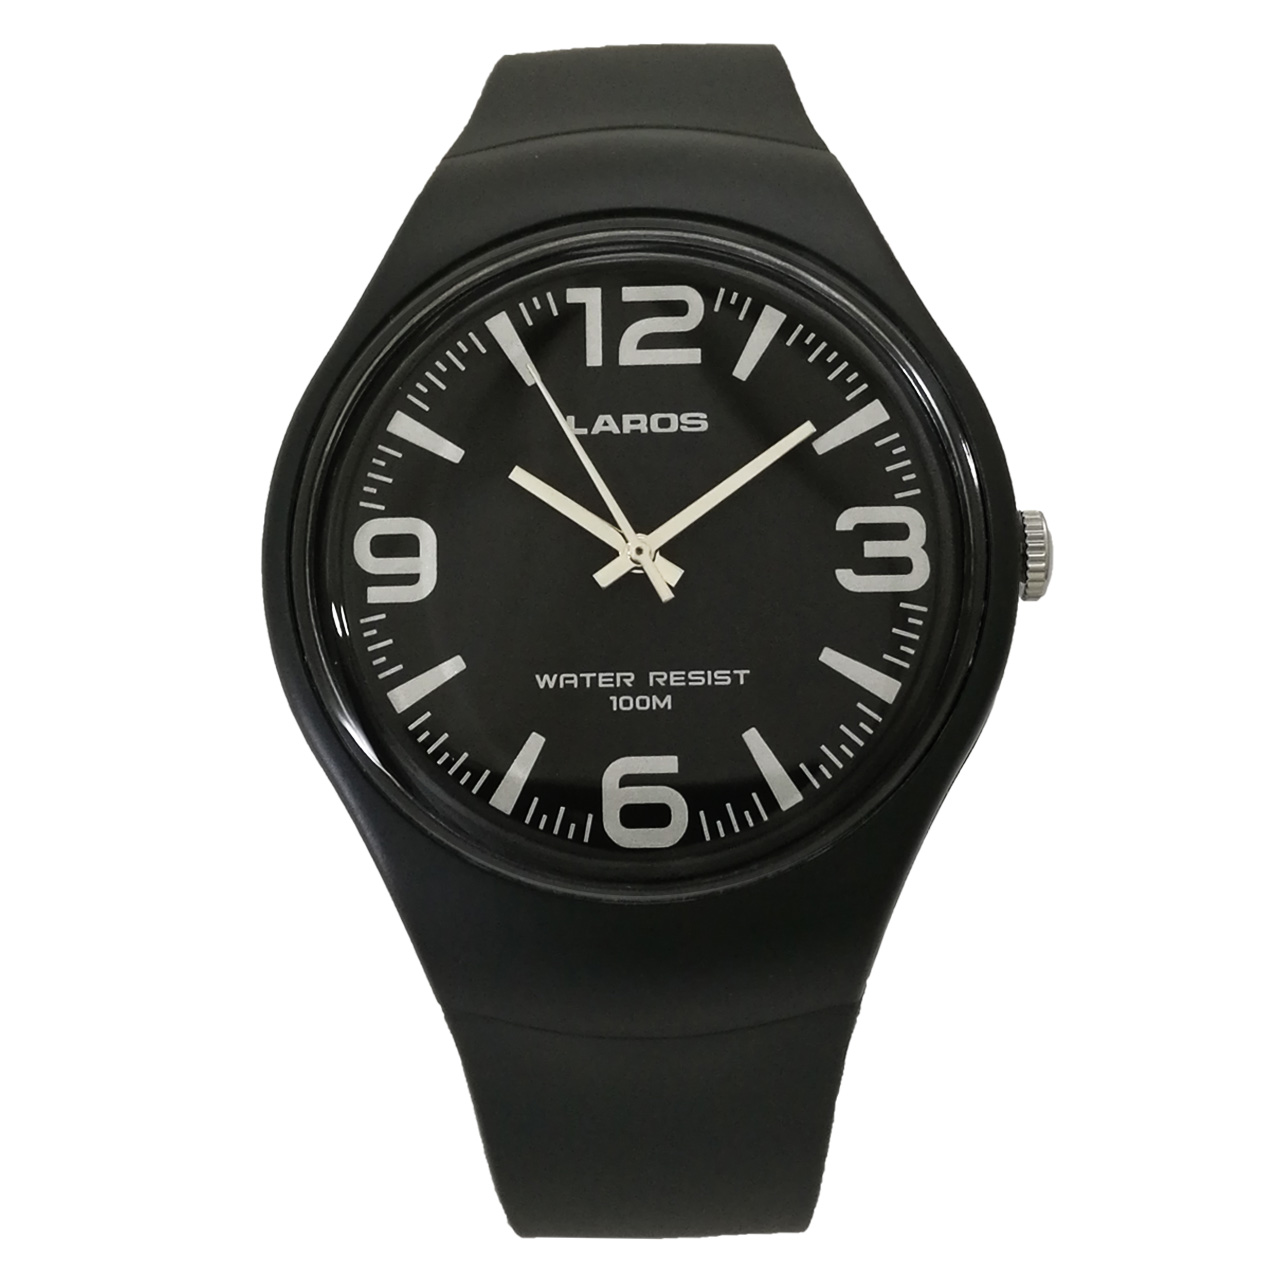 ساعت مچی عقربه ای مردانه لاروس مدل 1216-aq1066a 1